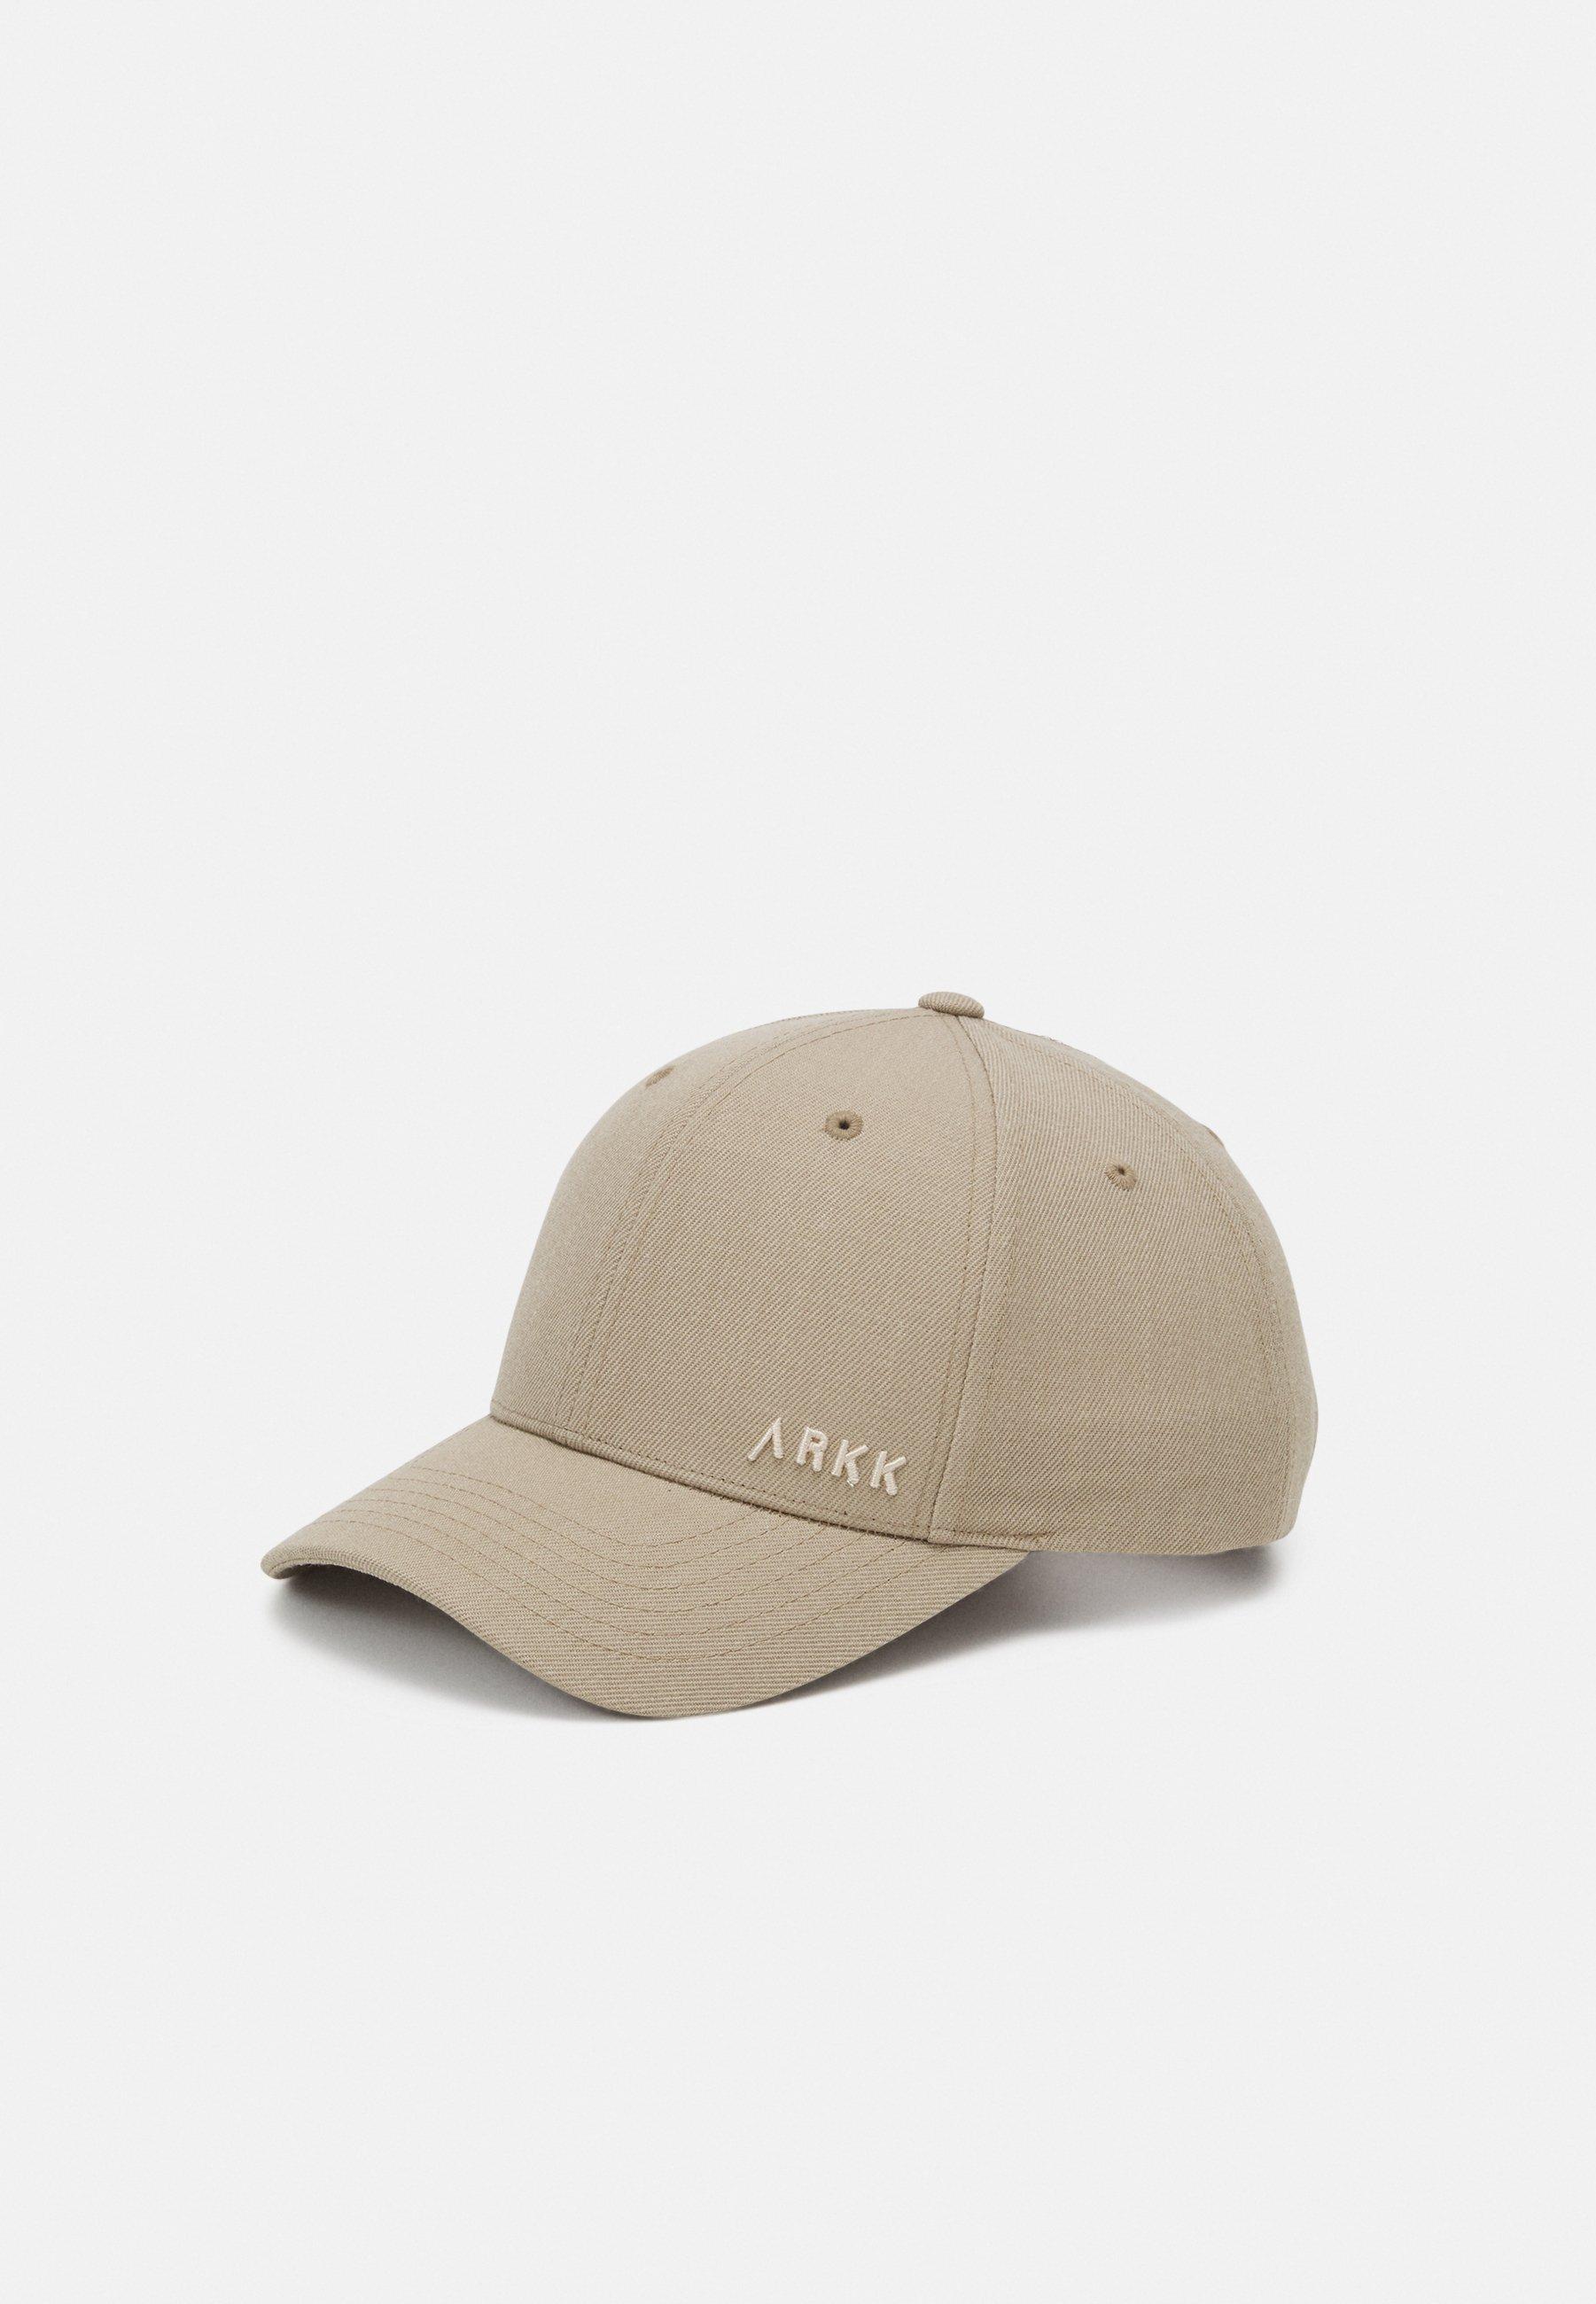 Uomo ARKK CLASSIC BASEBALL UNISEX - Cappellino